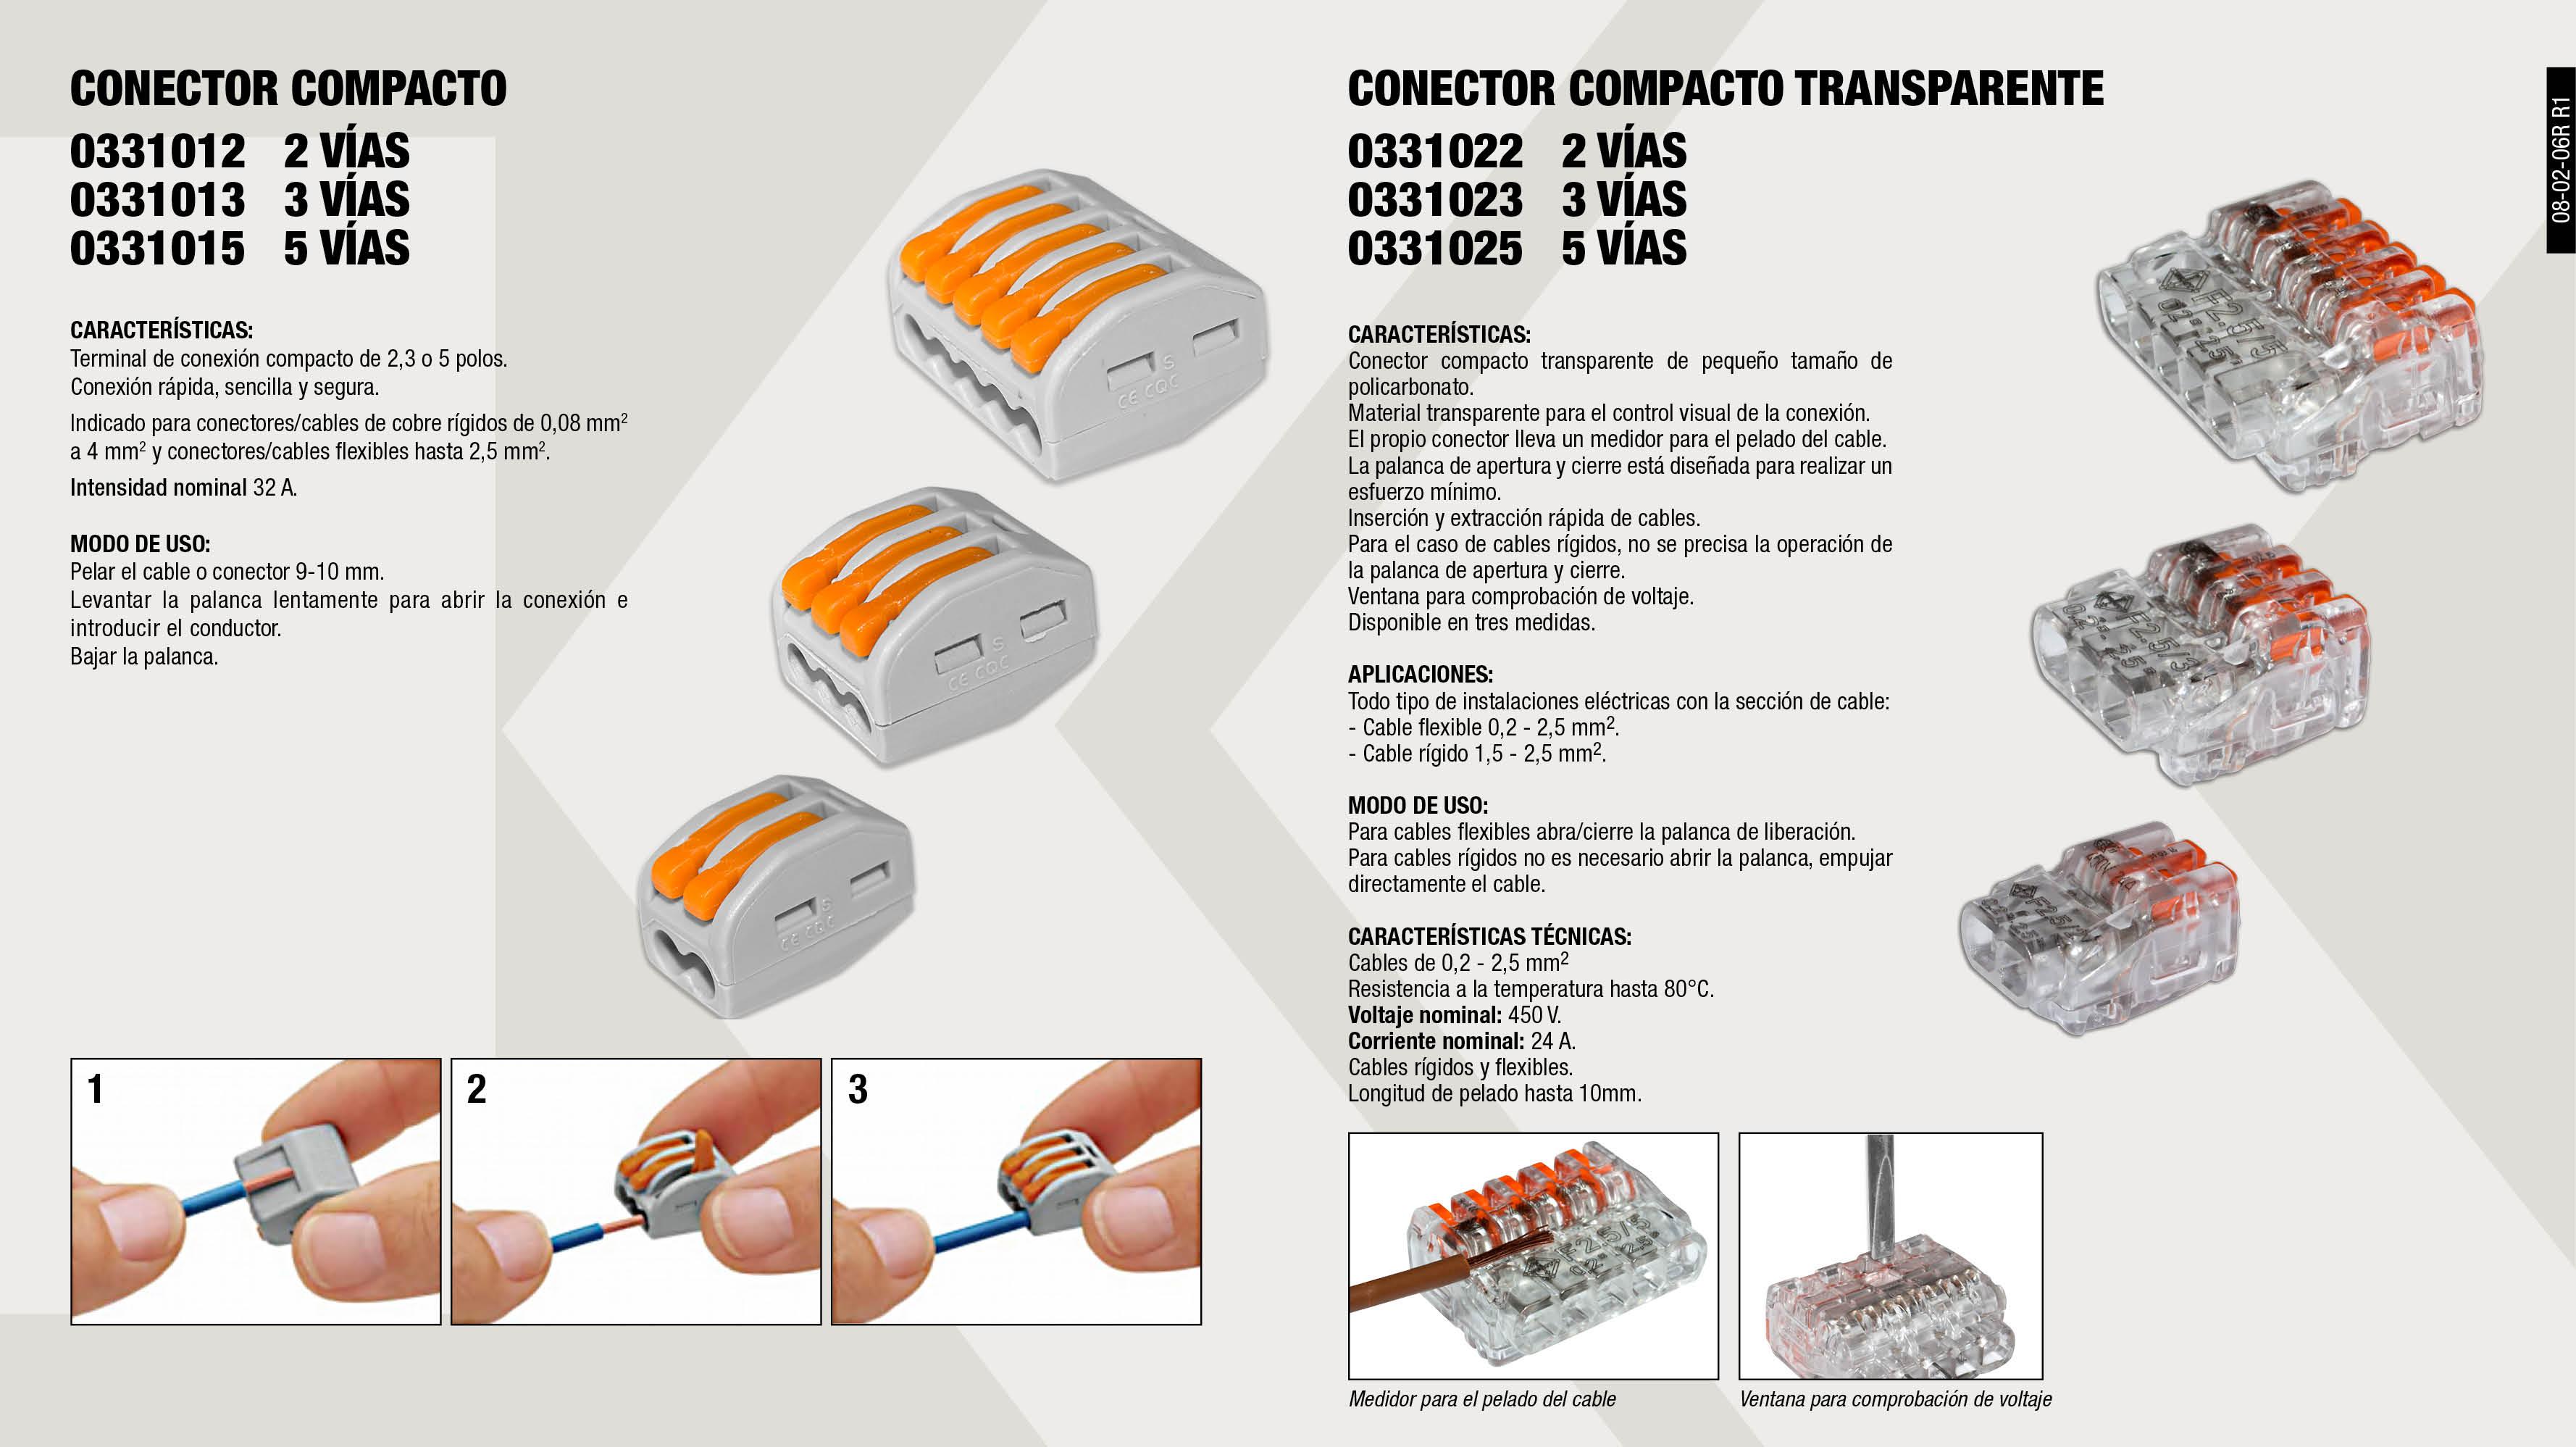 CONECTOR COMPACTO 3 VIAS                                    ,  CONECTOR COMPACTO 2 VIAS                                    ,  CONECTOR COMPACTO 5 VIAS                                    ,  CONECTOR COMPACTO TRANSPARENTE 5 VÍAS                       ,  CONECTOR COMPACTO TRANSPARENTE 2 VÍAS                       ,  CONECTOR COMPACTO TRANSPARENTE 3 VÍAS                       ,